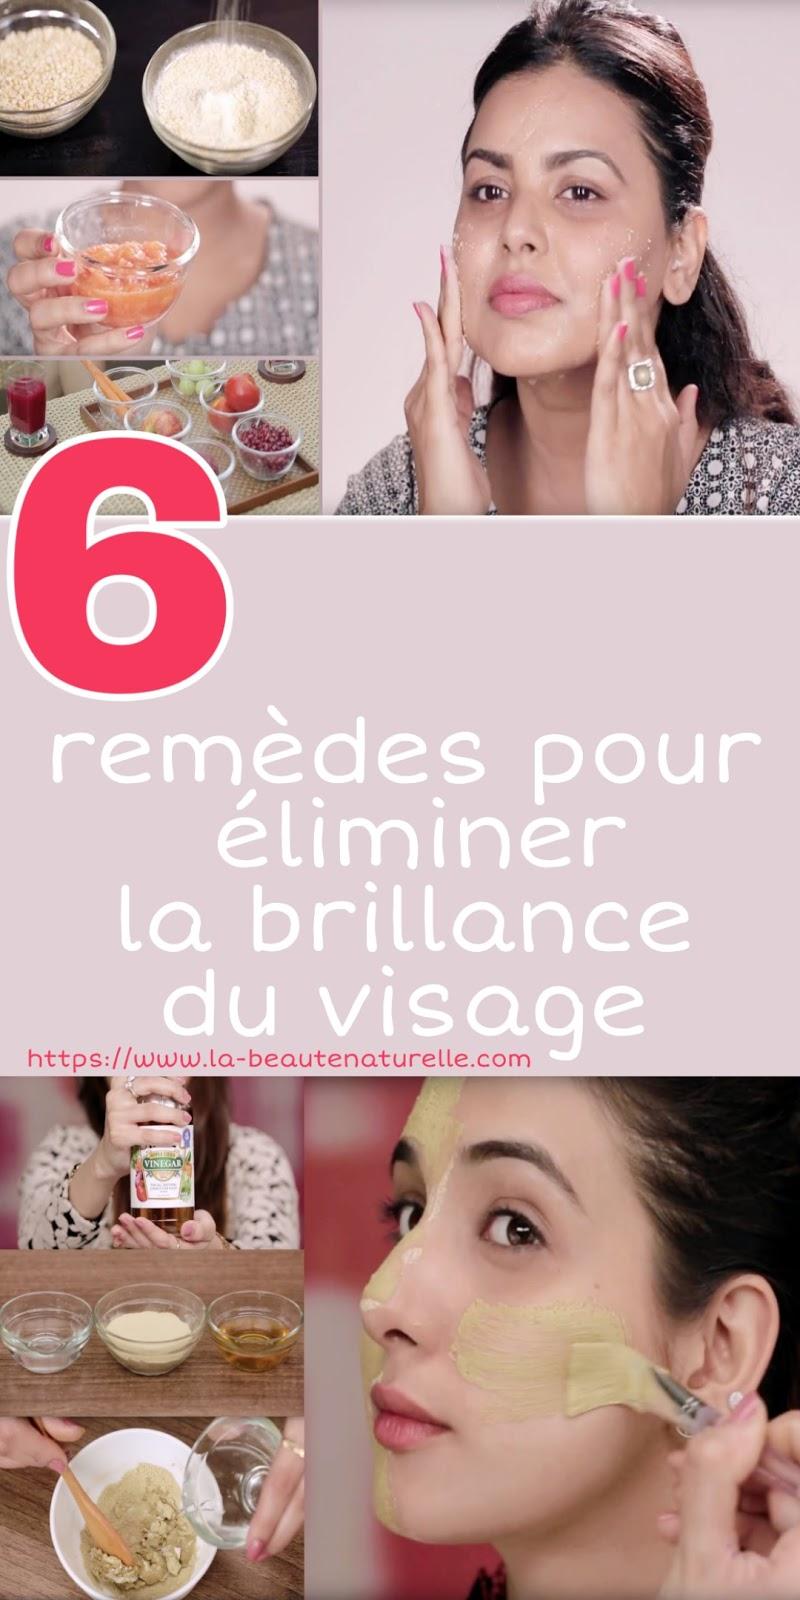 6 remèdes pour éliminer la brillance du visage